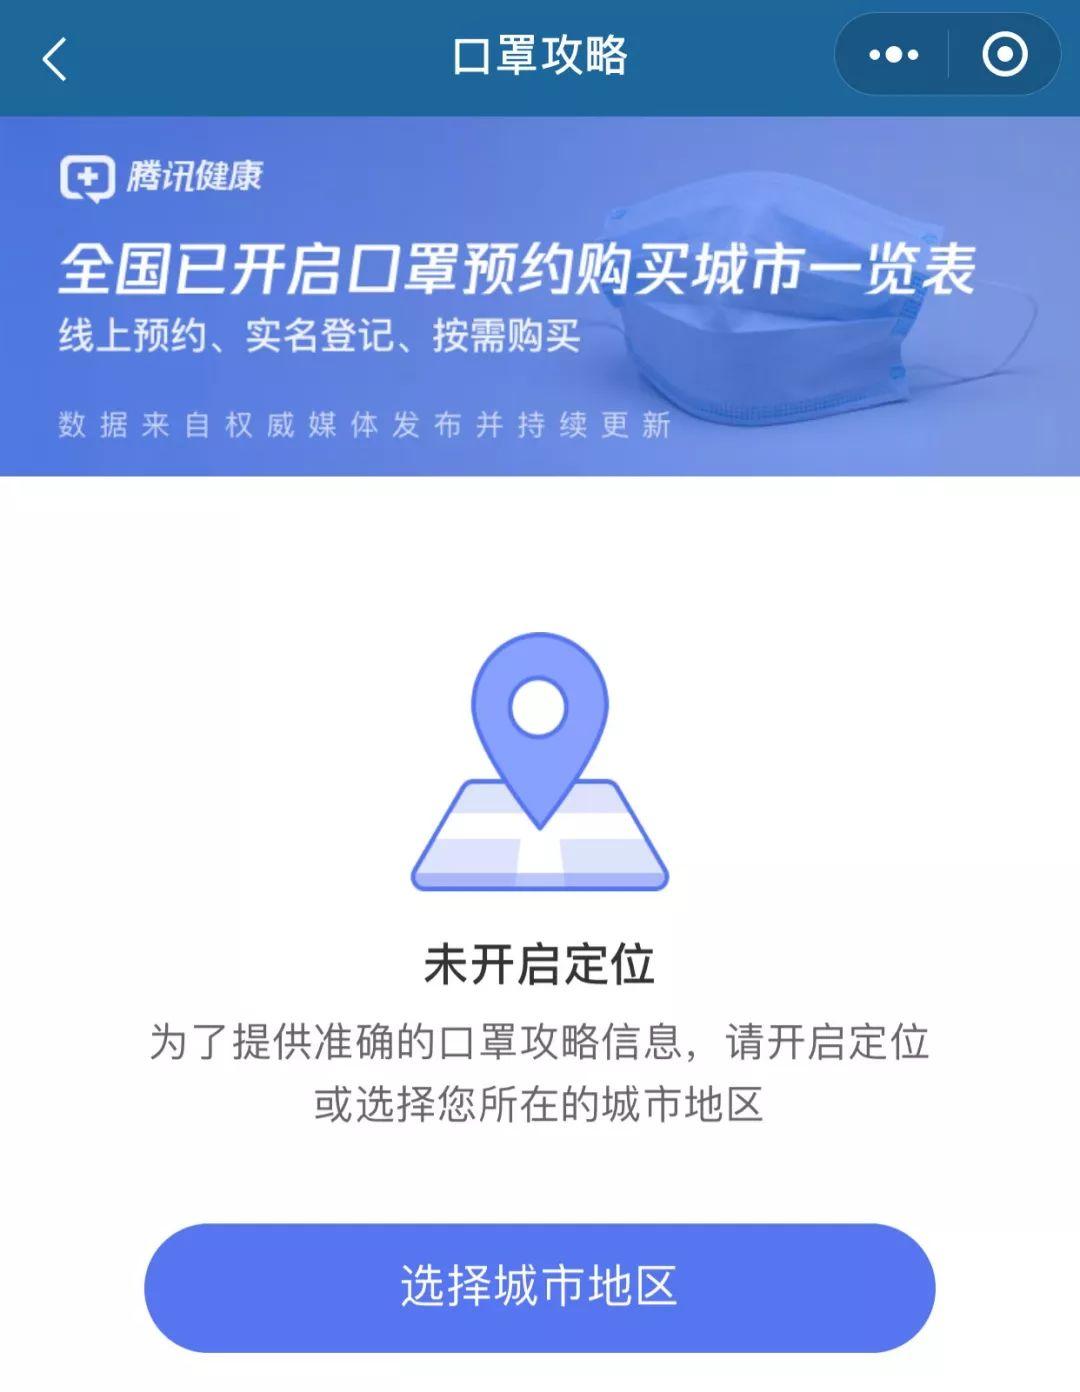 http://www.880759.com/zhanjianglvyou/18180.html